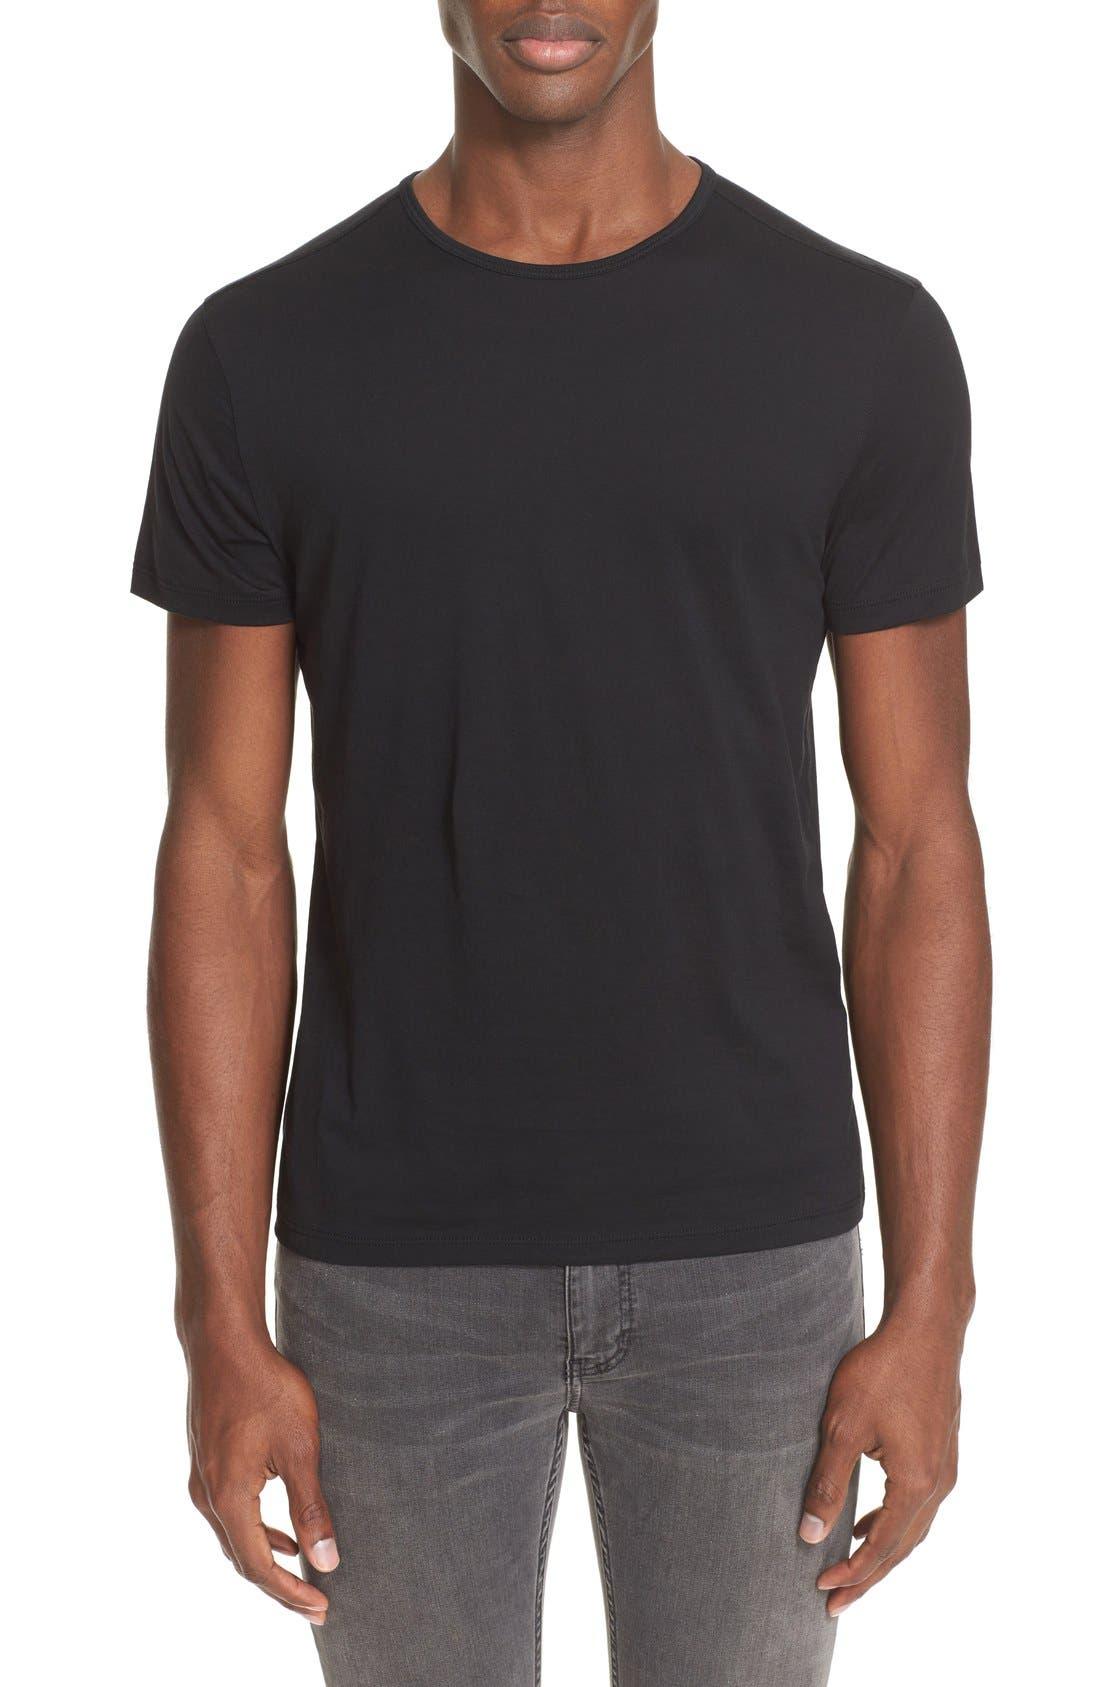 Pima Cotton T-Shirt,                             Main thumbnail 1, color,                             BLACK